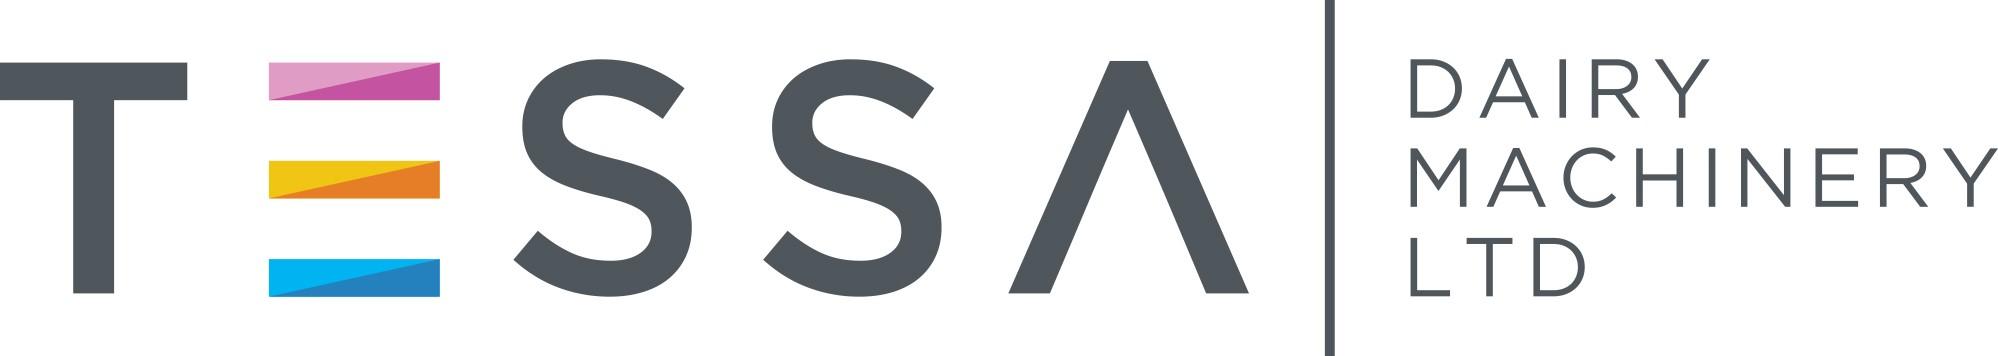 TESSA Dairy Machinery Logo.webp